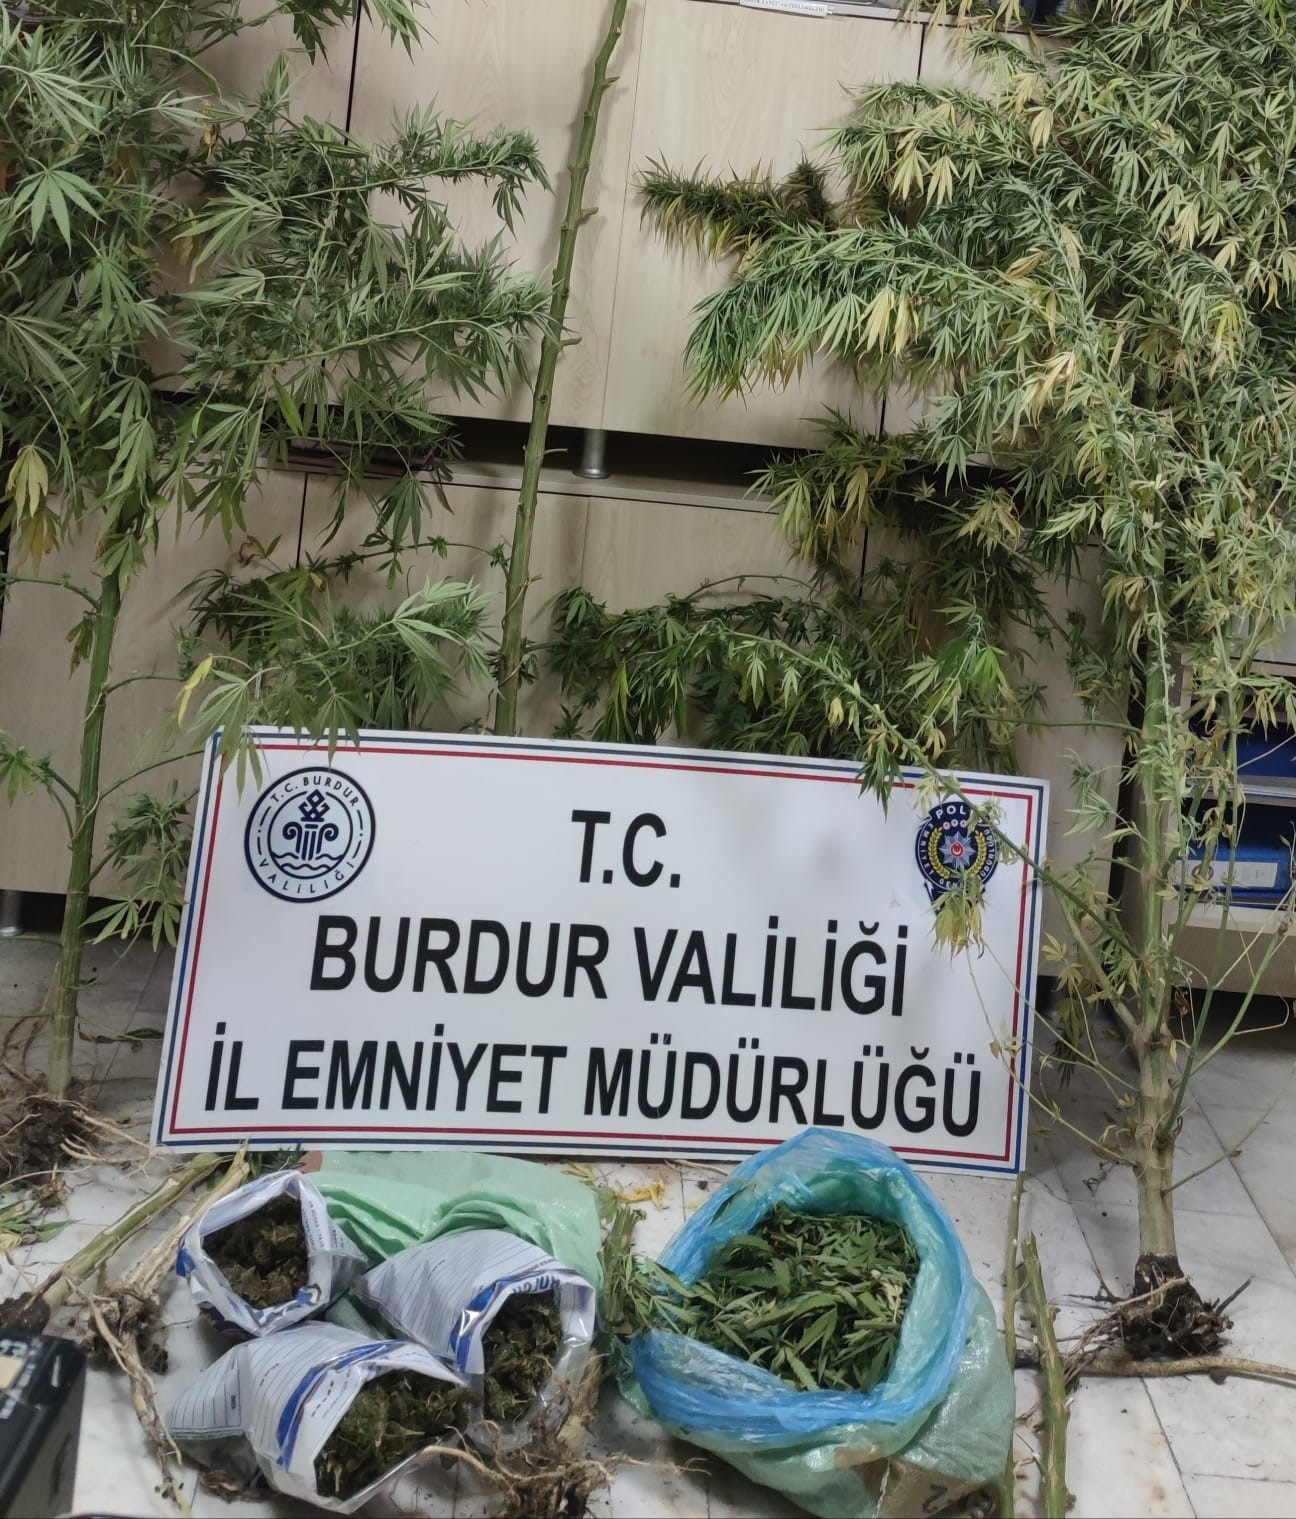 Burdur'da uyuşturucu operasyonu: 2 tutuklama #burdur